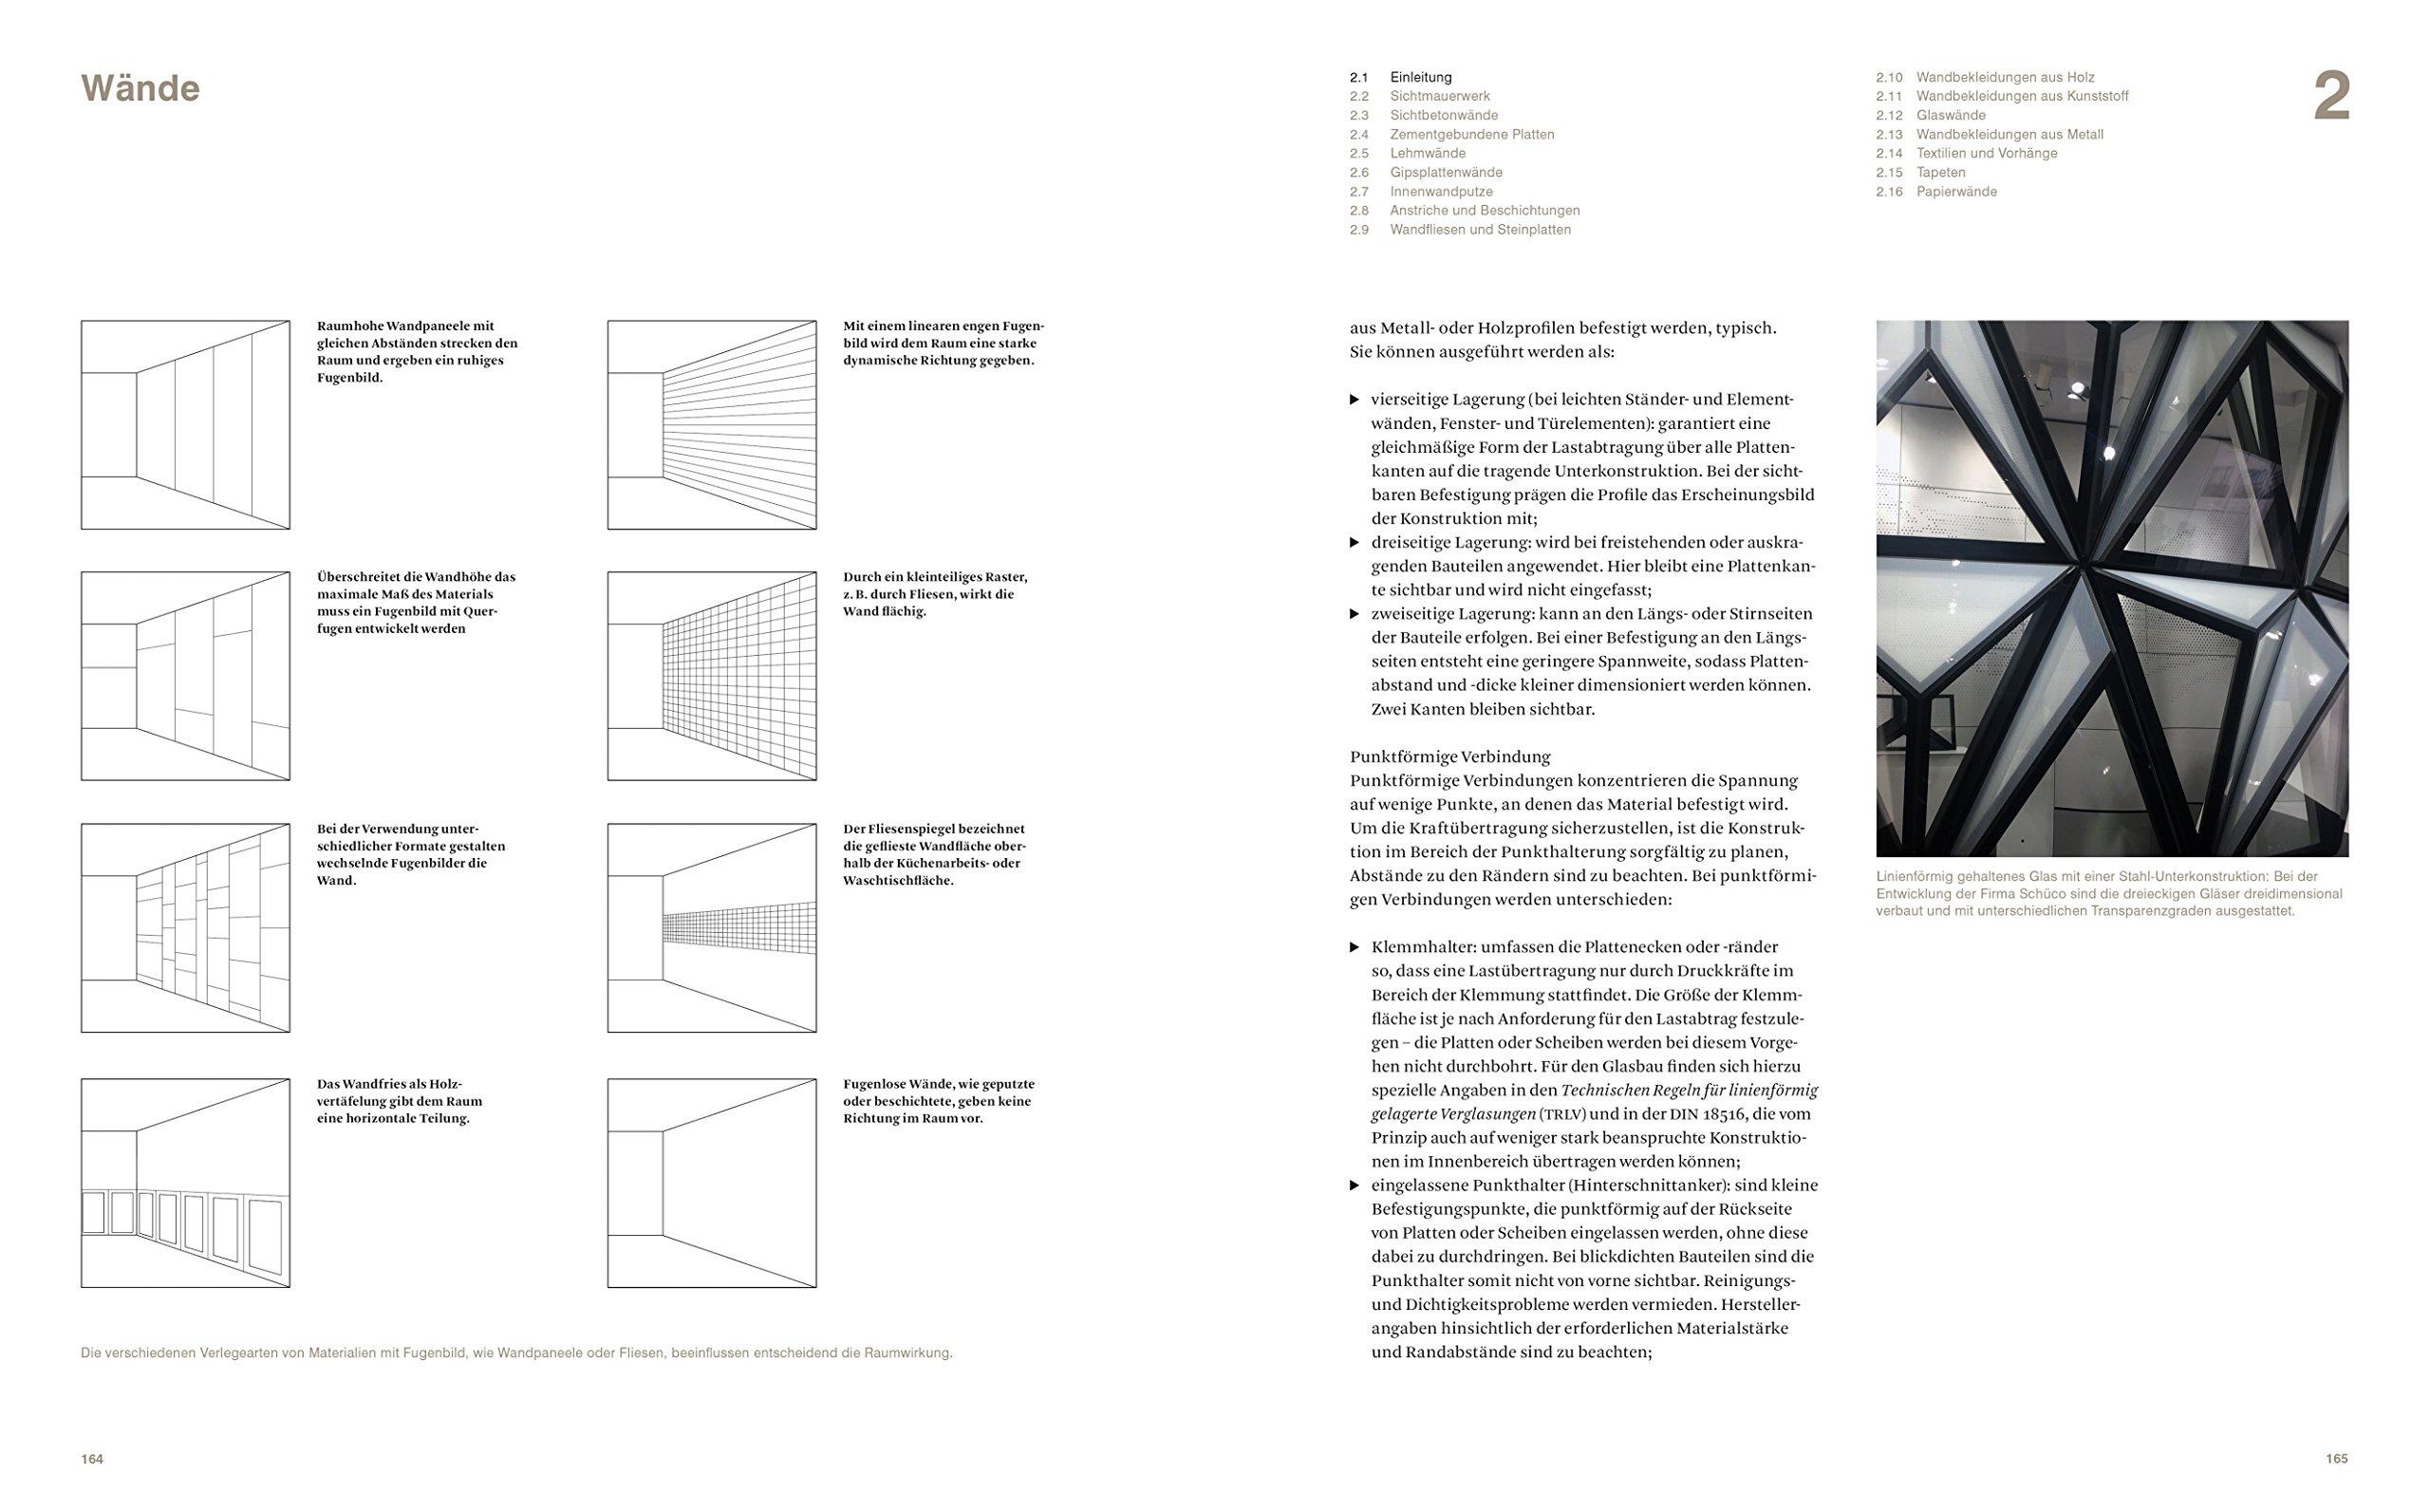 Materialien Und Oberflächen Amazoncom Books - Verlegearten fliesen